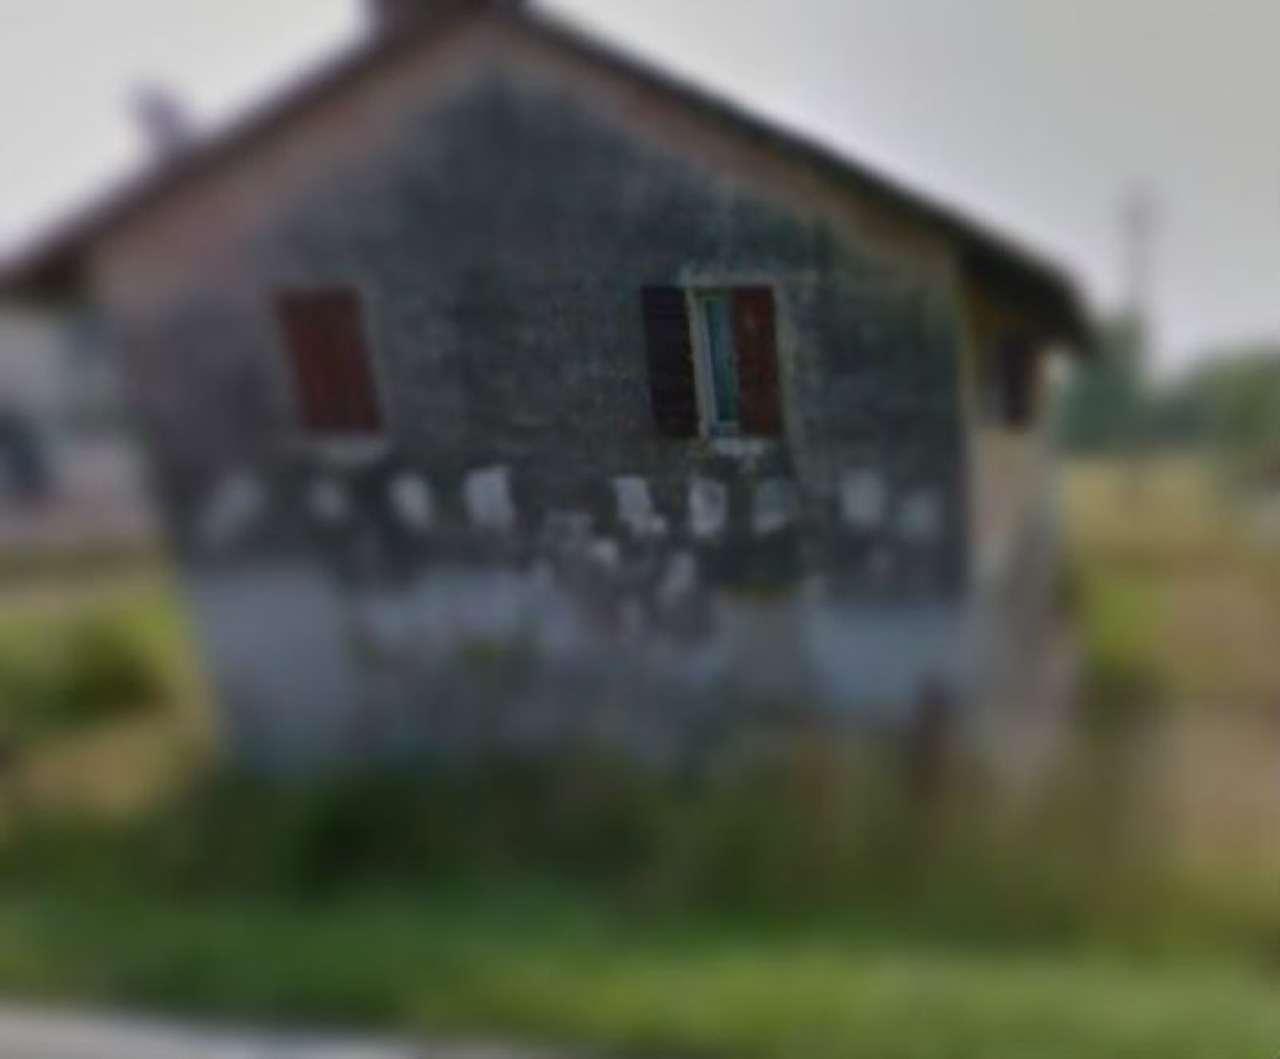 Rustico / Casale in vendita a Resana, 9999 locali, prezzo € 155.000 | Cambio Casa.it